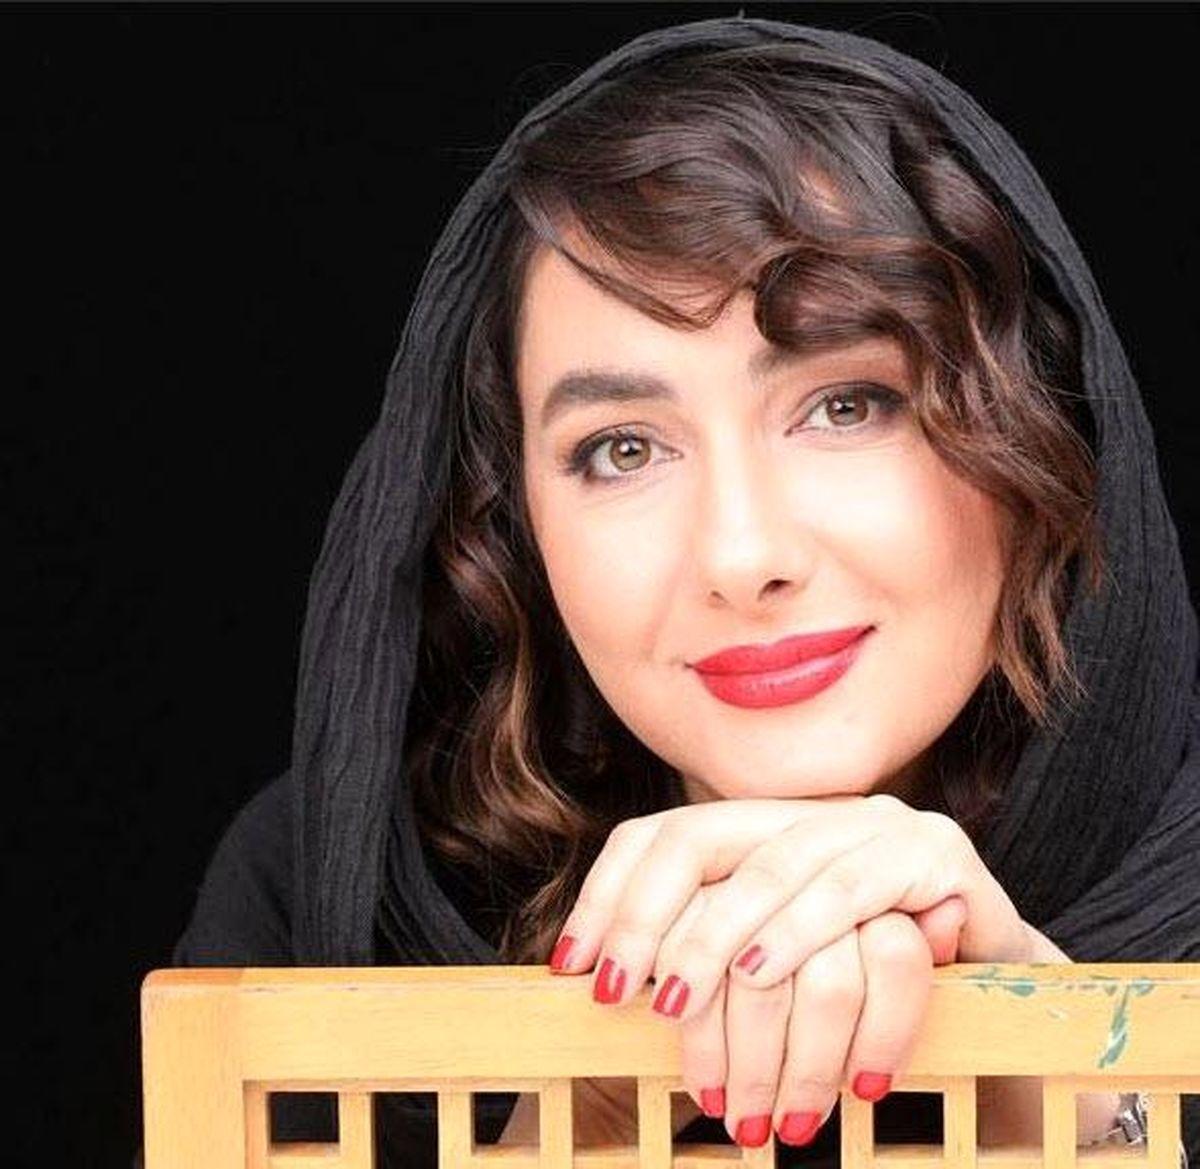 هانیه توسلی از بی خواستگاریش نالید + فیلم